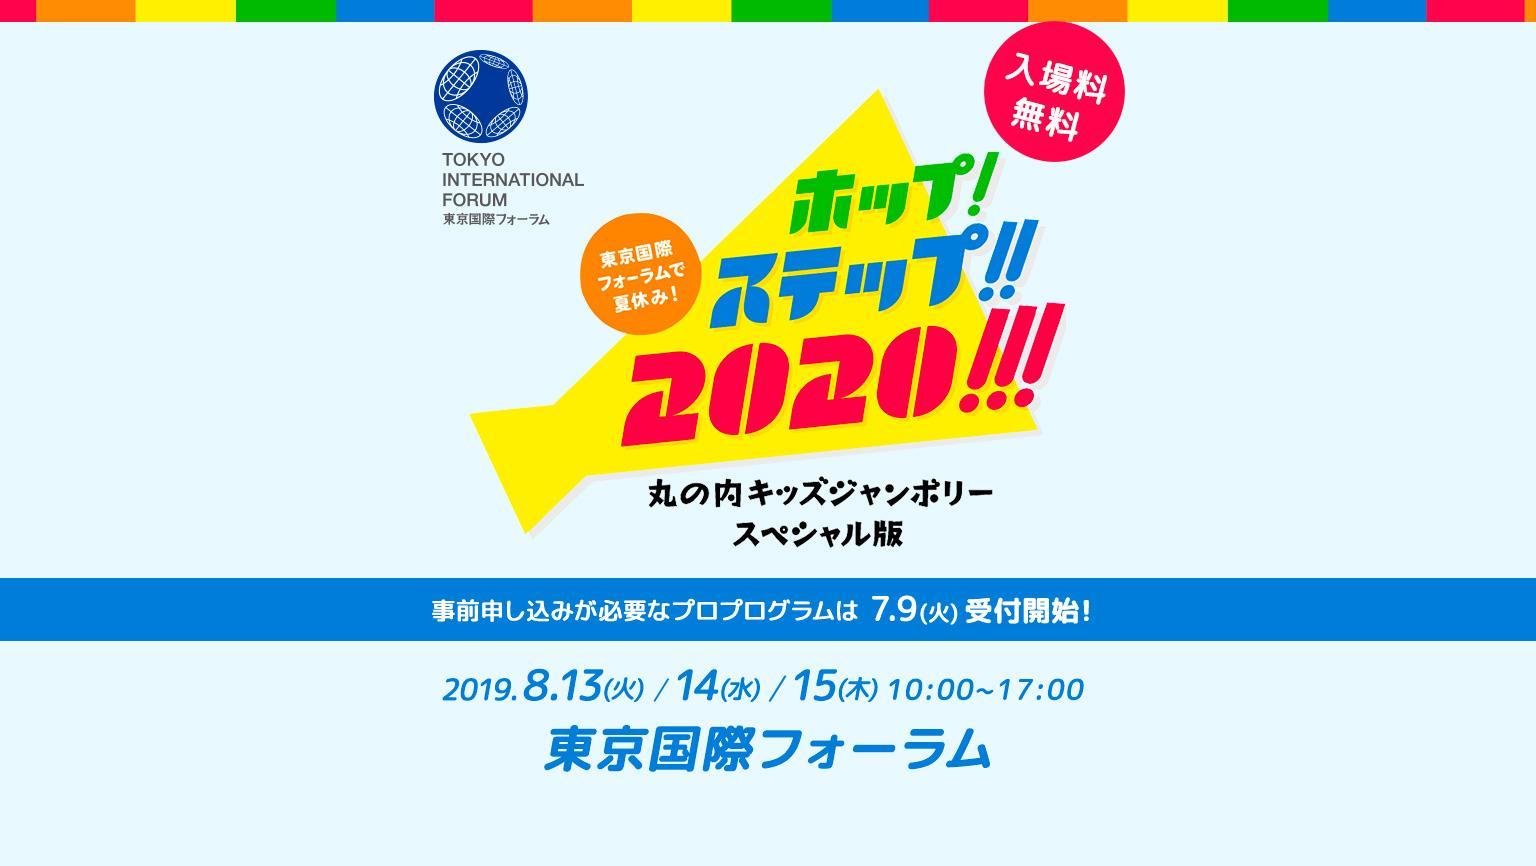 ホップ!ステップ!!2020!!!~丸の内キッズジャンボリー スペシャル版~